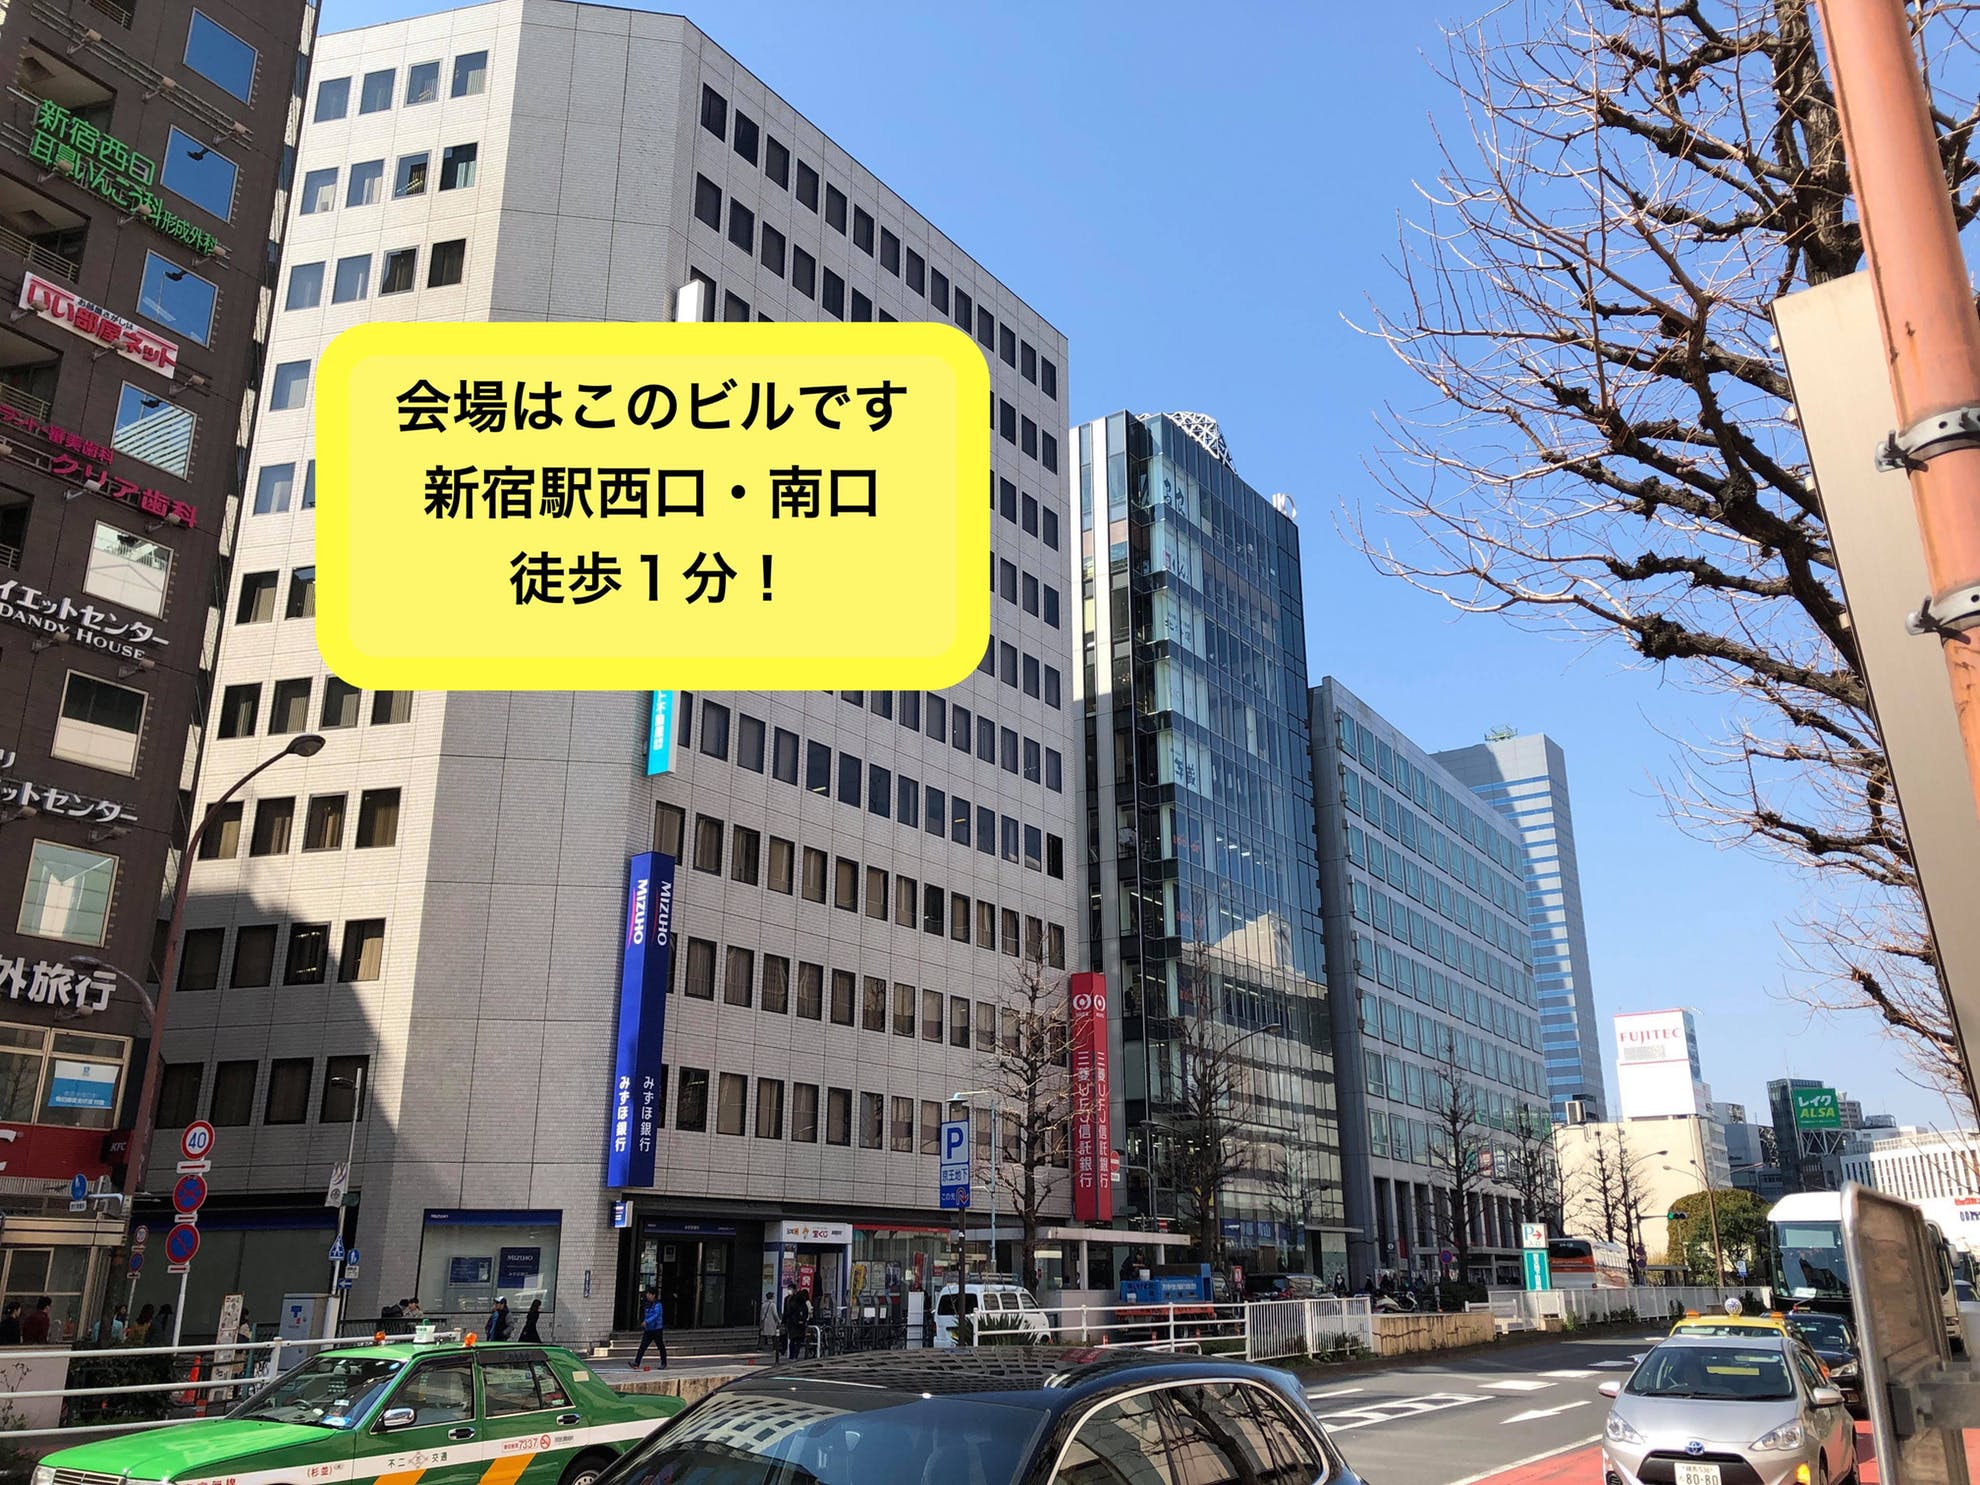 1/21ニーズマッチ・ラーニング支部 第25回月例会